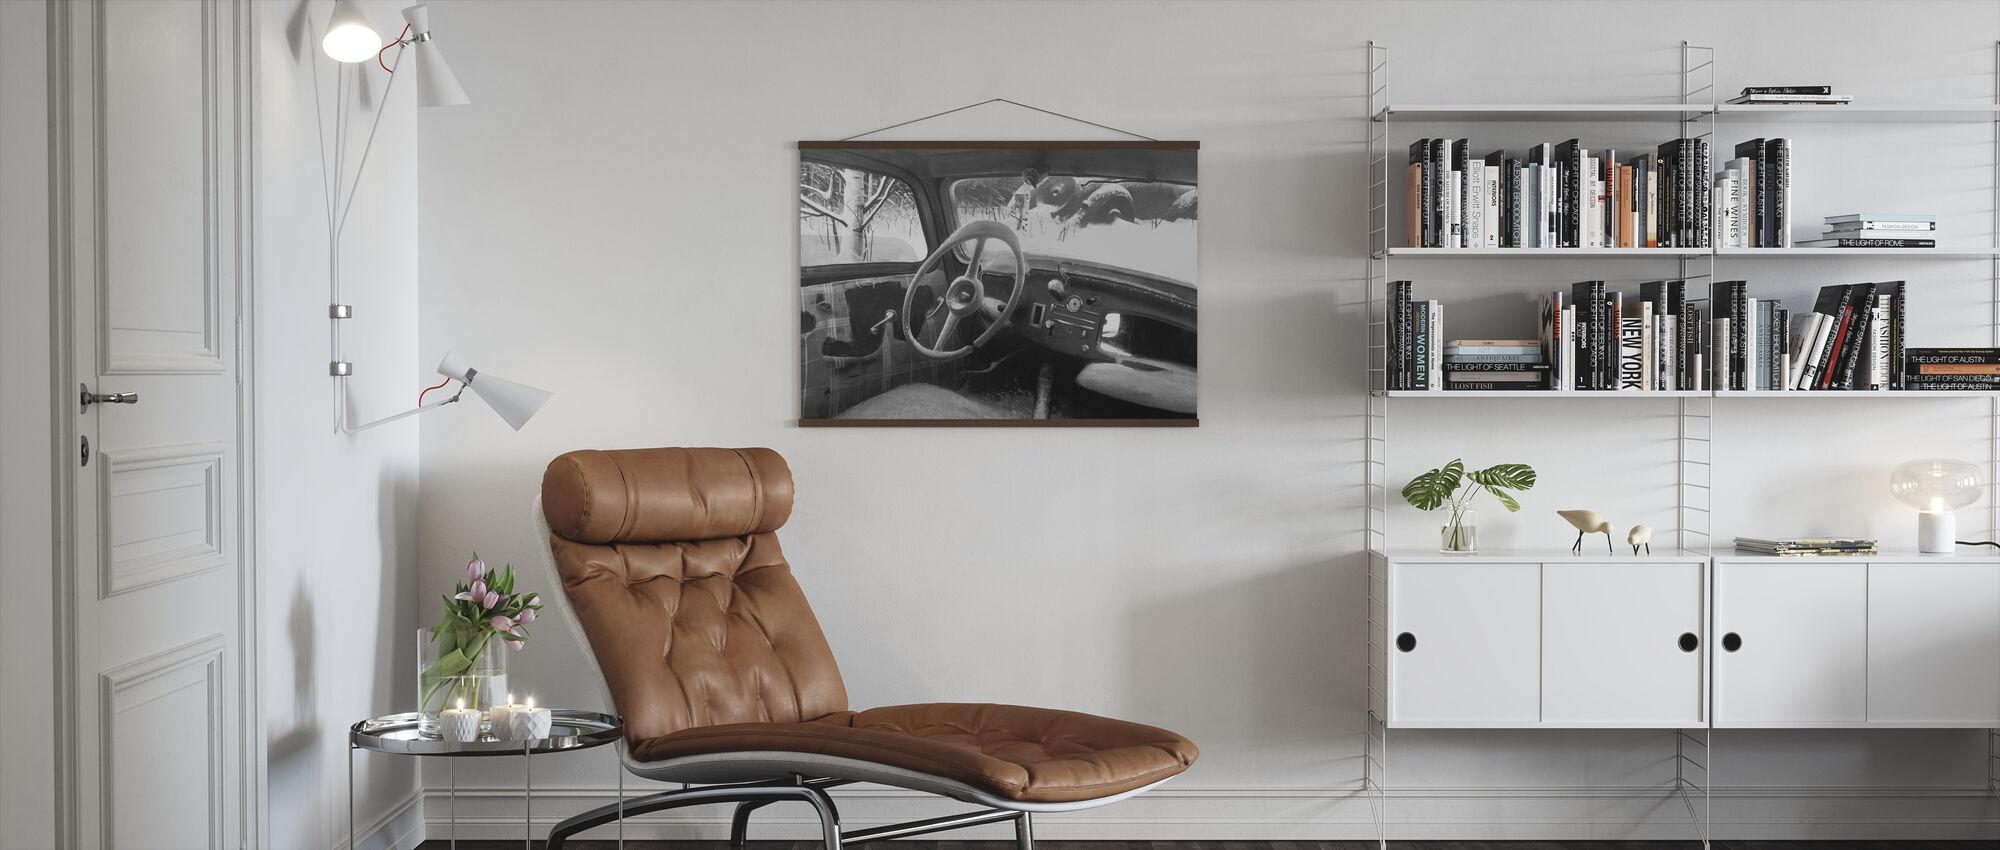 B11 Steering Wheel BW - Poster - Living Room